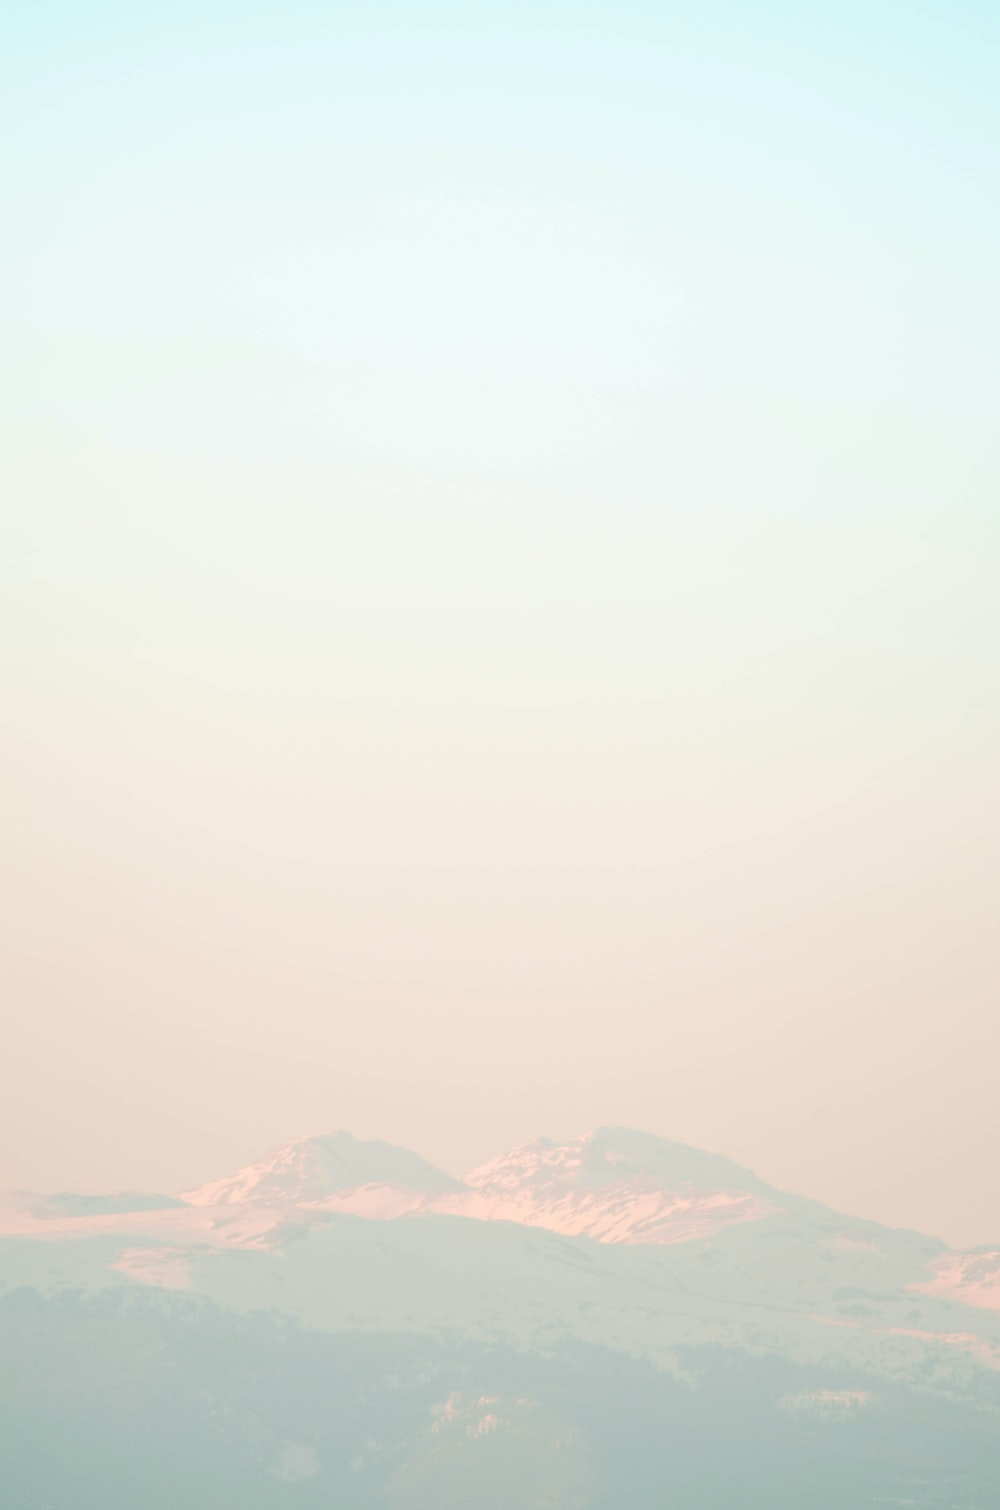 view of mountain peak